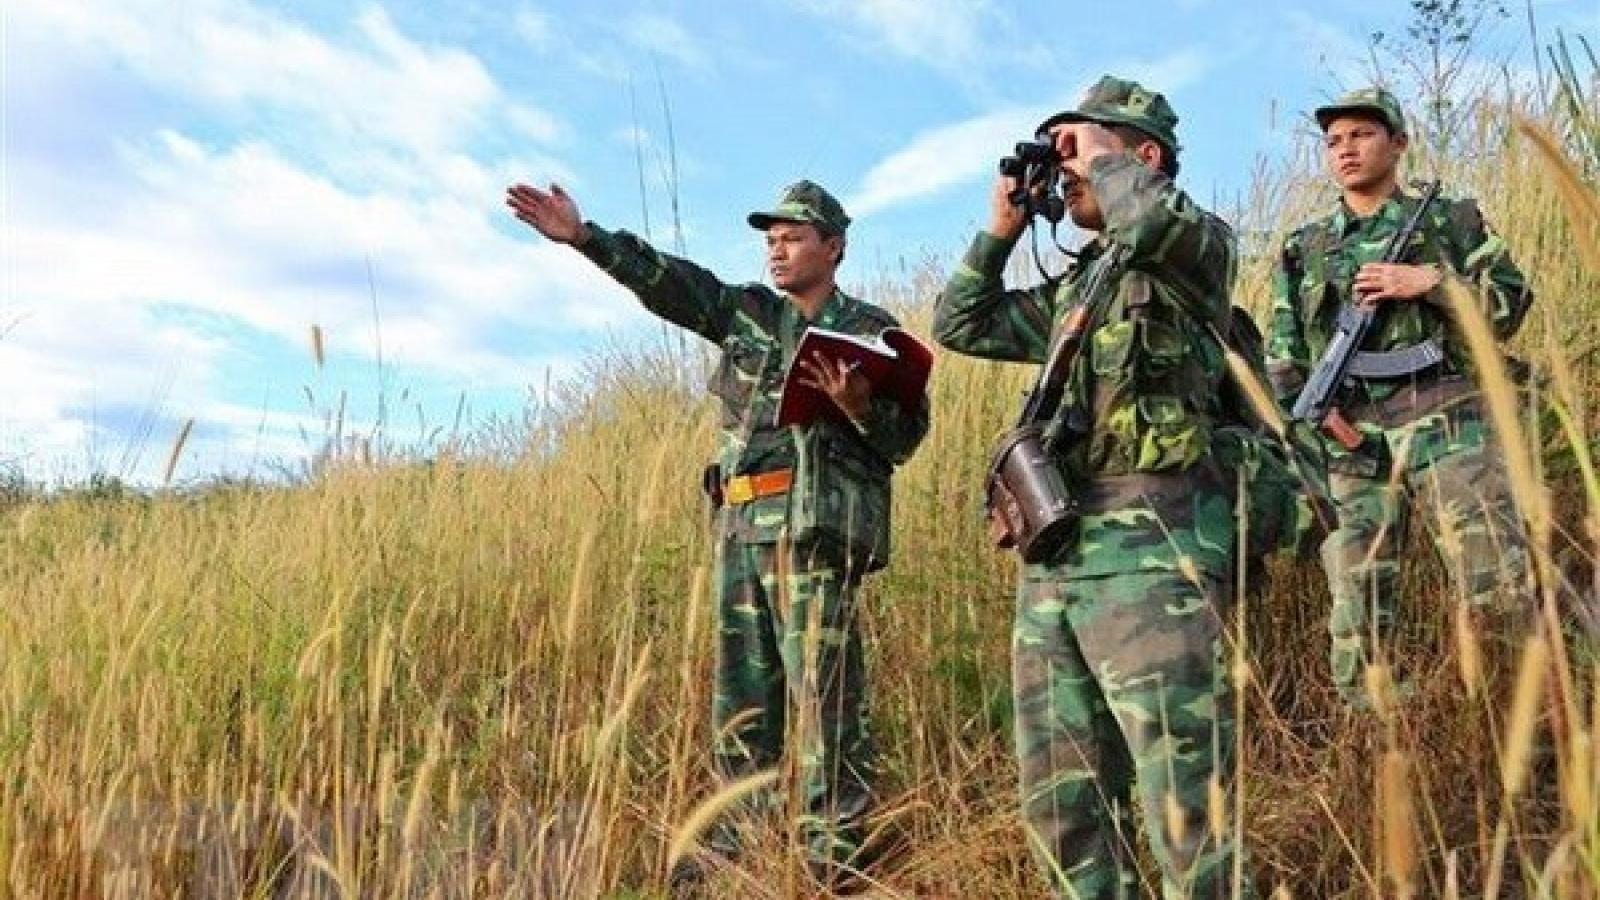 Đắk Nông đề nghị cho 12 đồn biên phòng và Tiểu đoàn huấn luyện cơ động bầu cử sớm 1 ngày